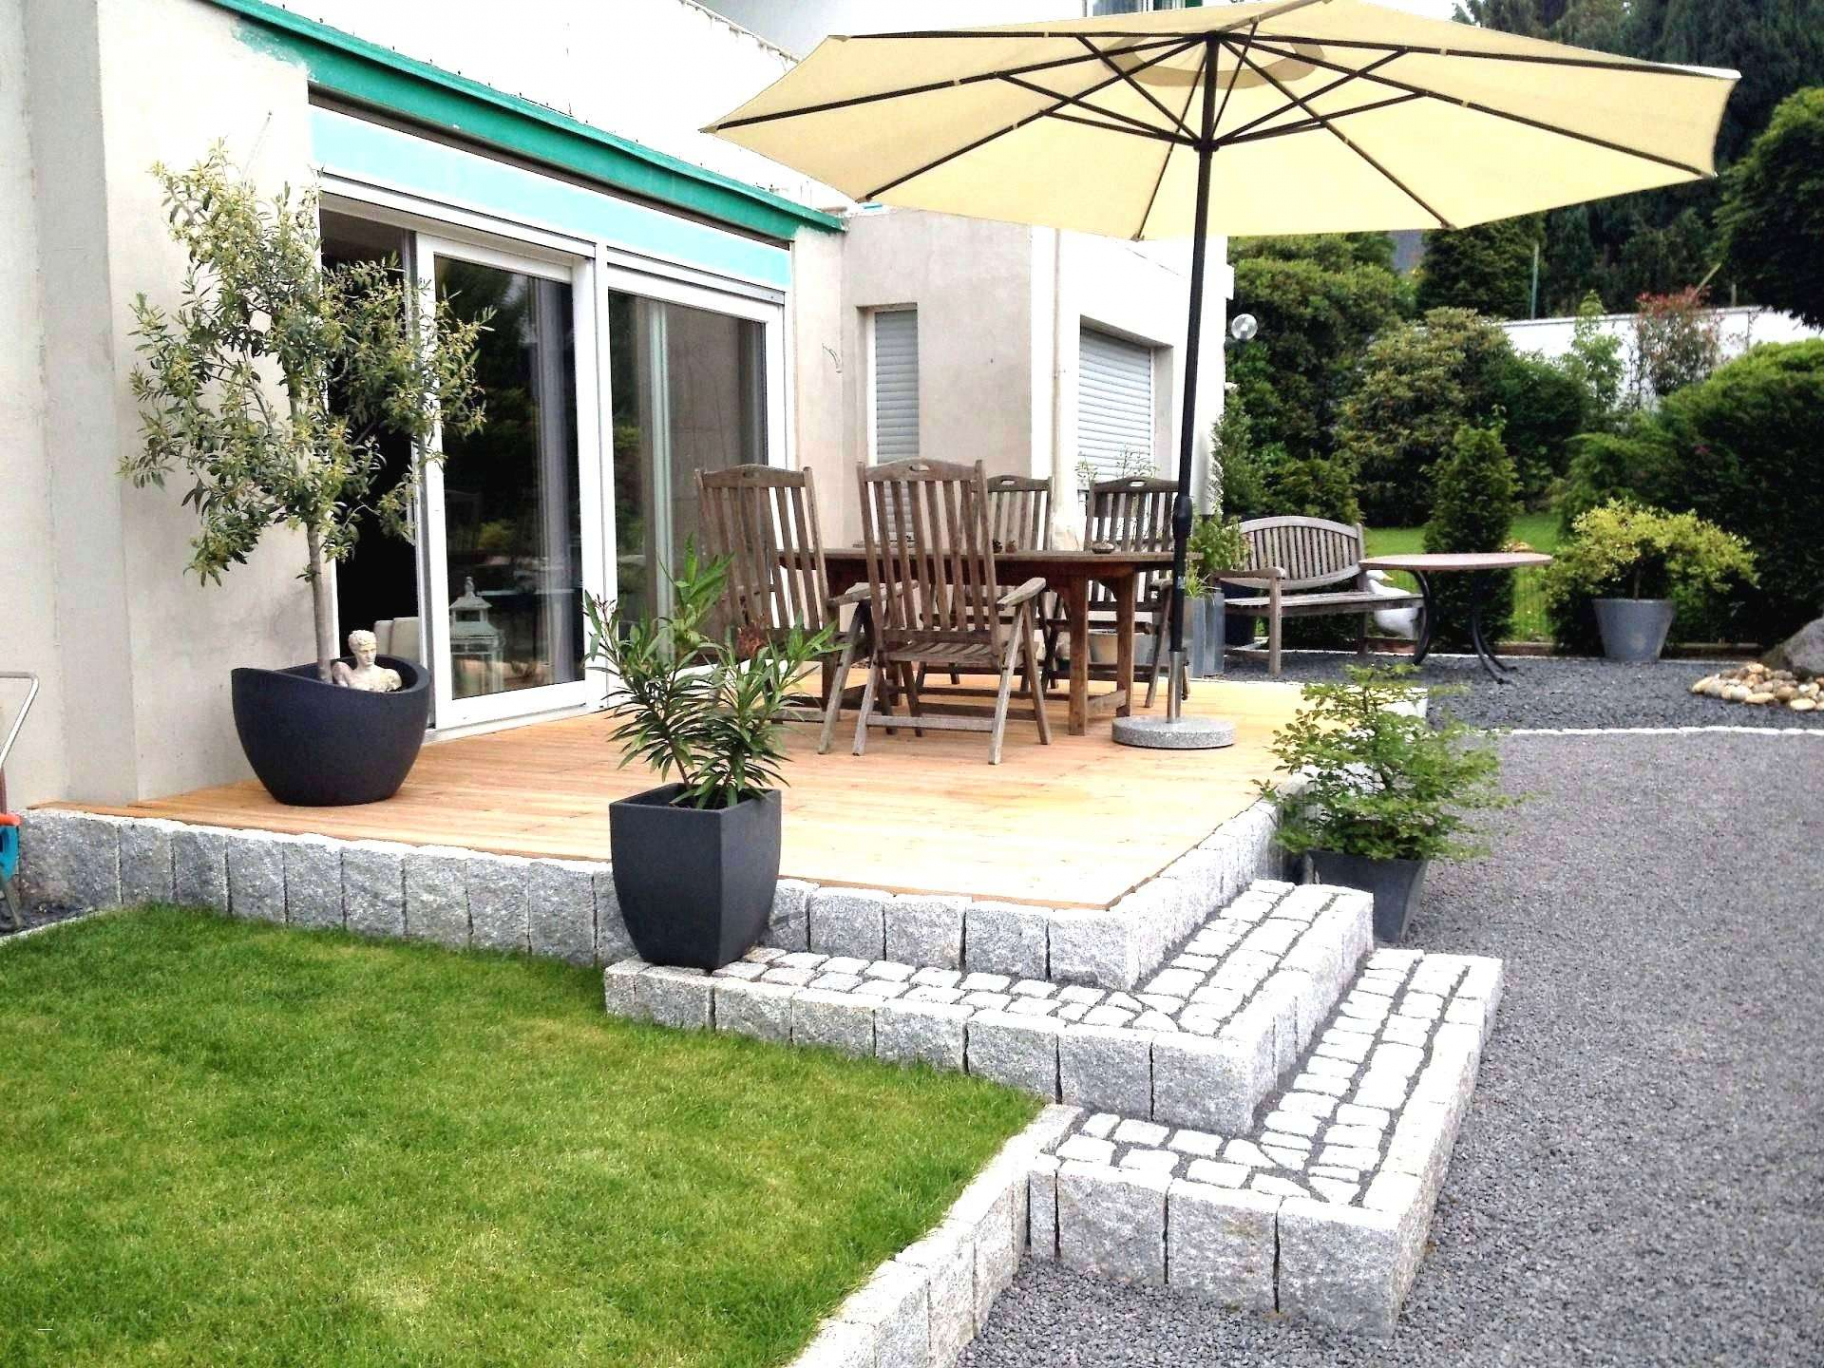 32 das beste von garten terrasse selber bauen garten ideen selber machen garten ideen selber machen